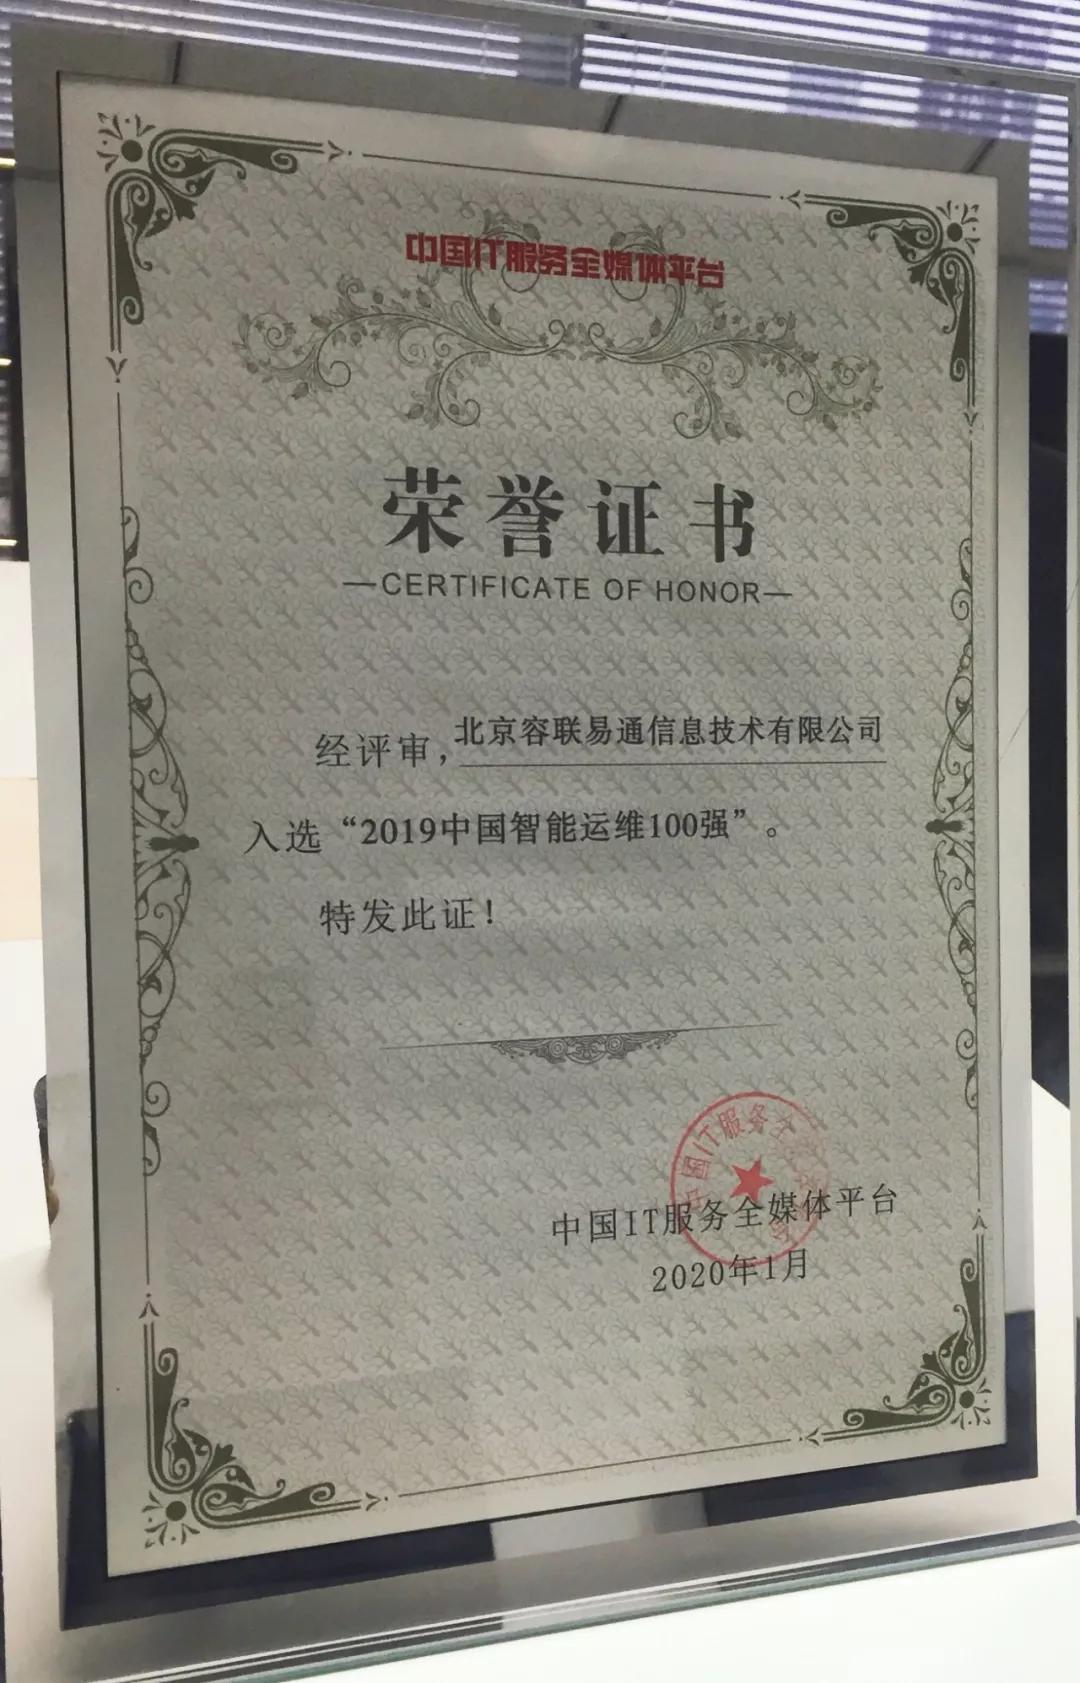 中国信息技术服务年会:容联入选智能运维百强